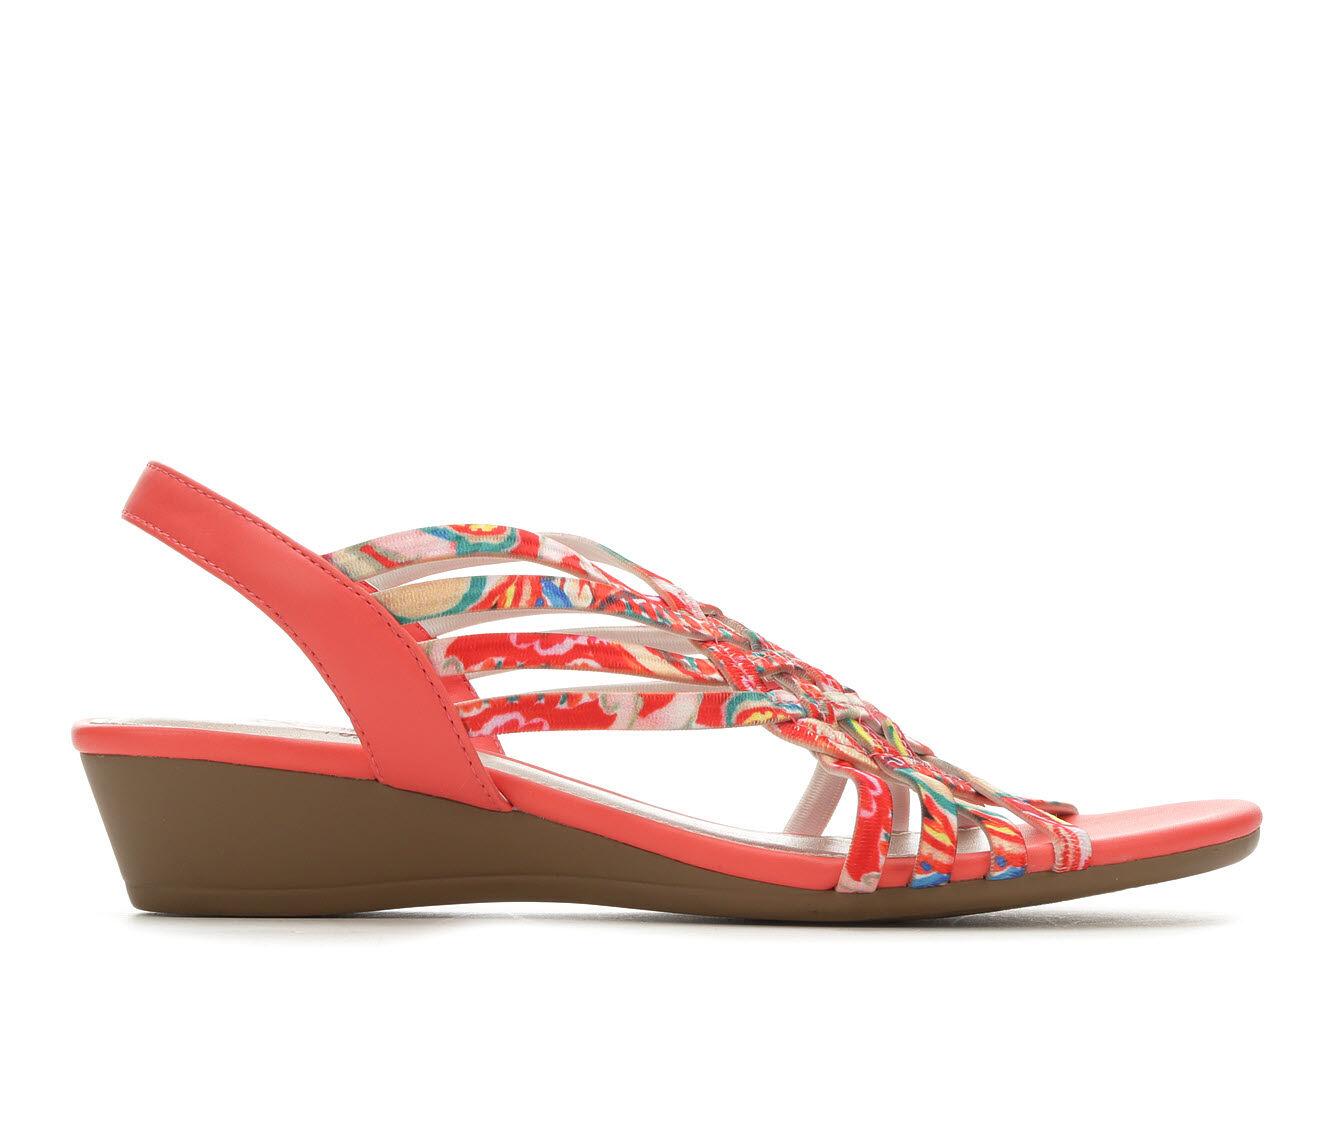 Women's Impo Rosia Strappy Sandals Coral Multi